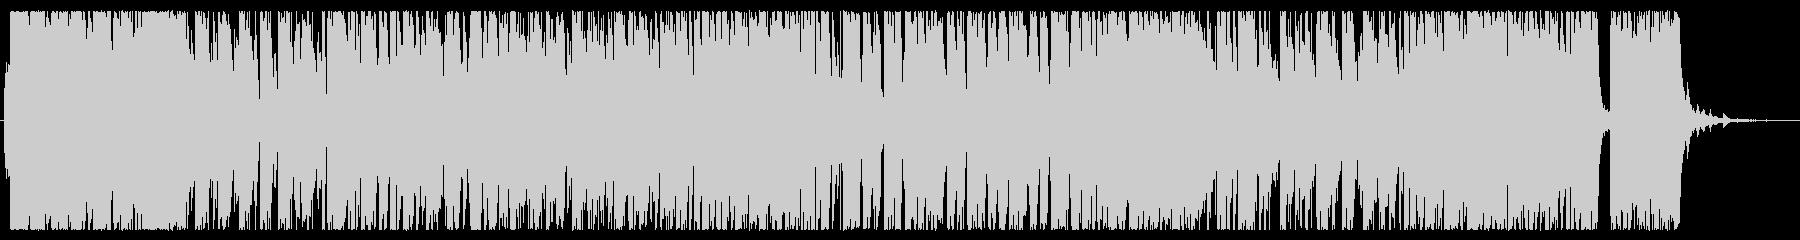 朝をイメージした軽快で明るいピアノ曲の未再生の波形